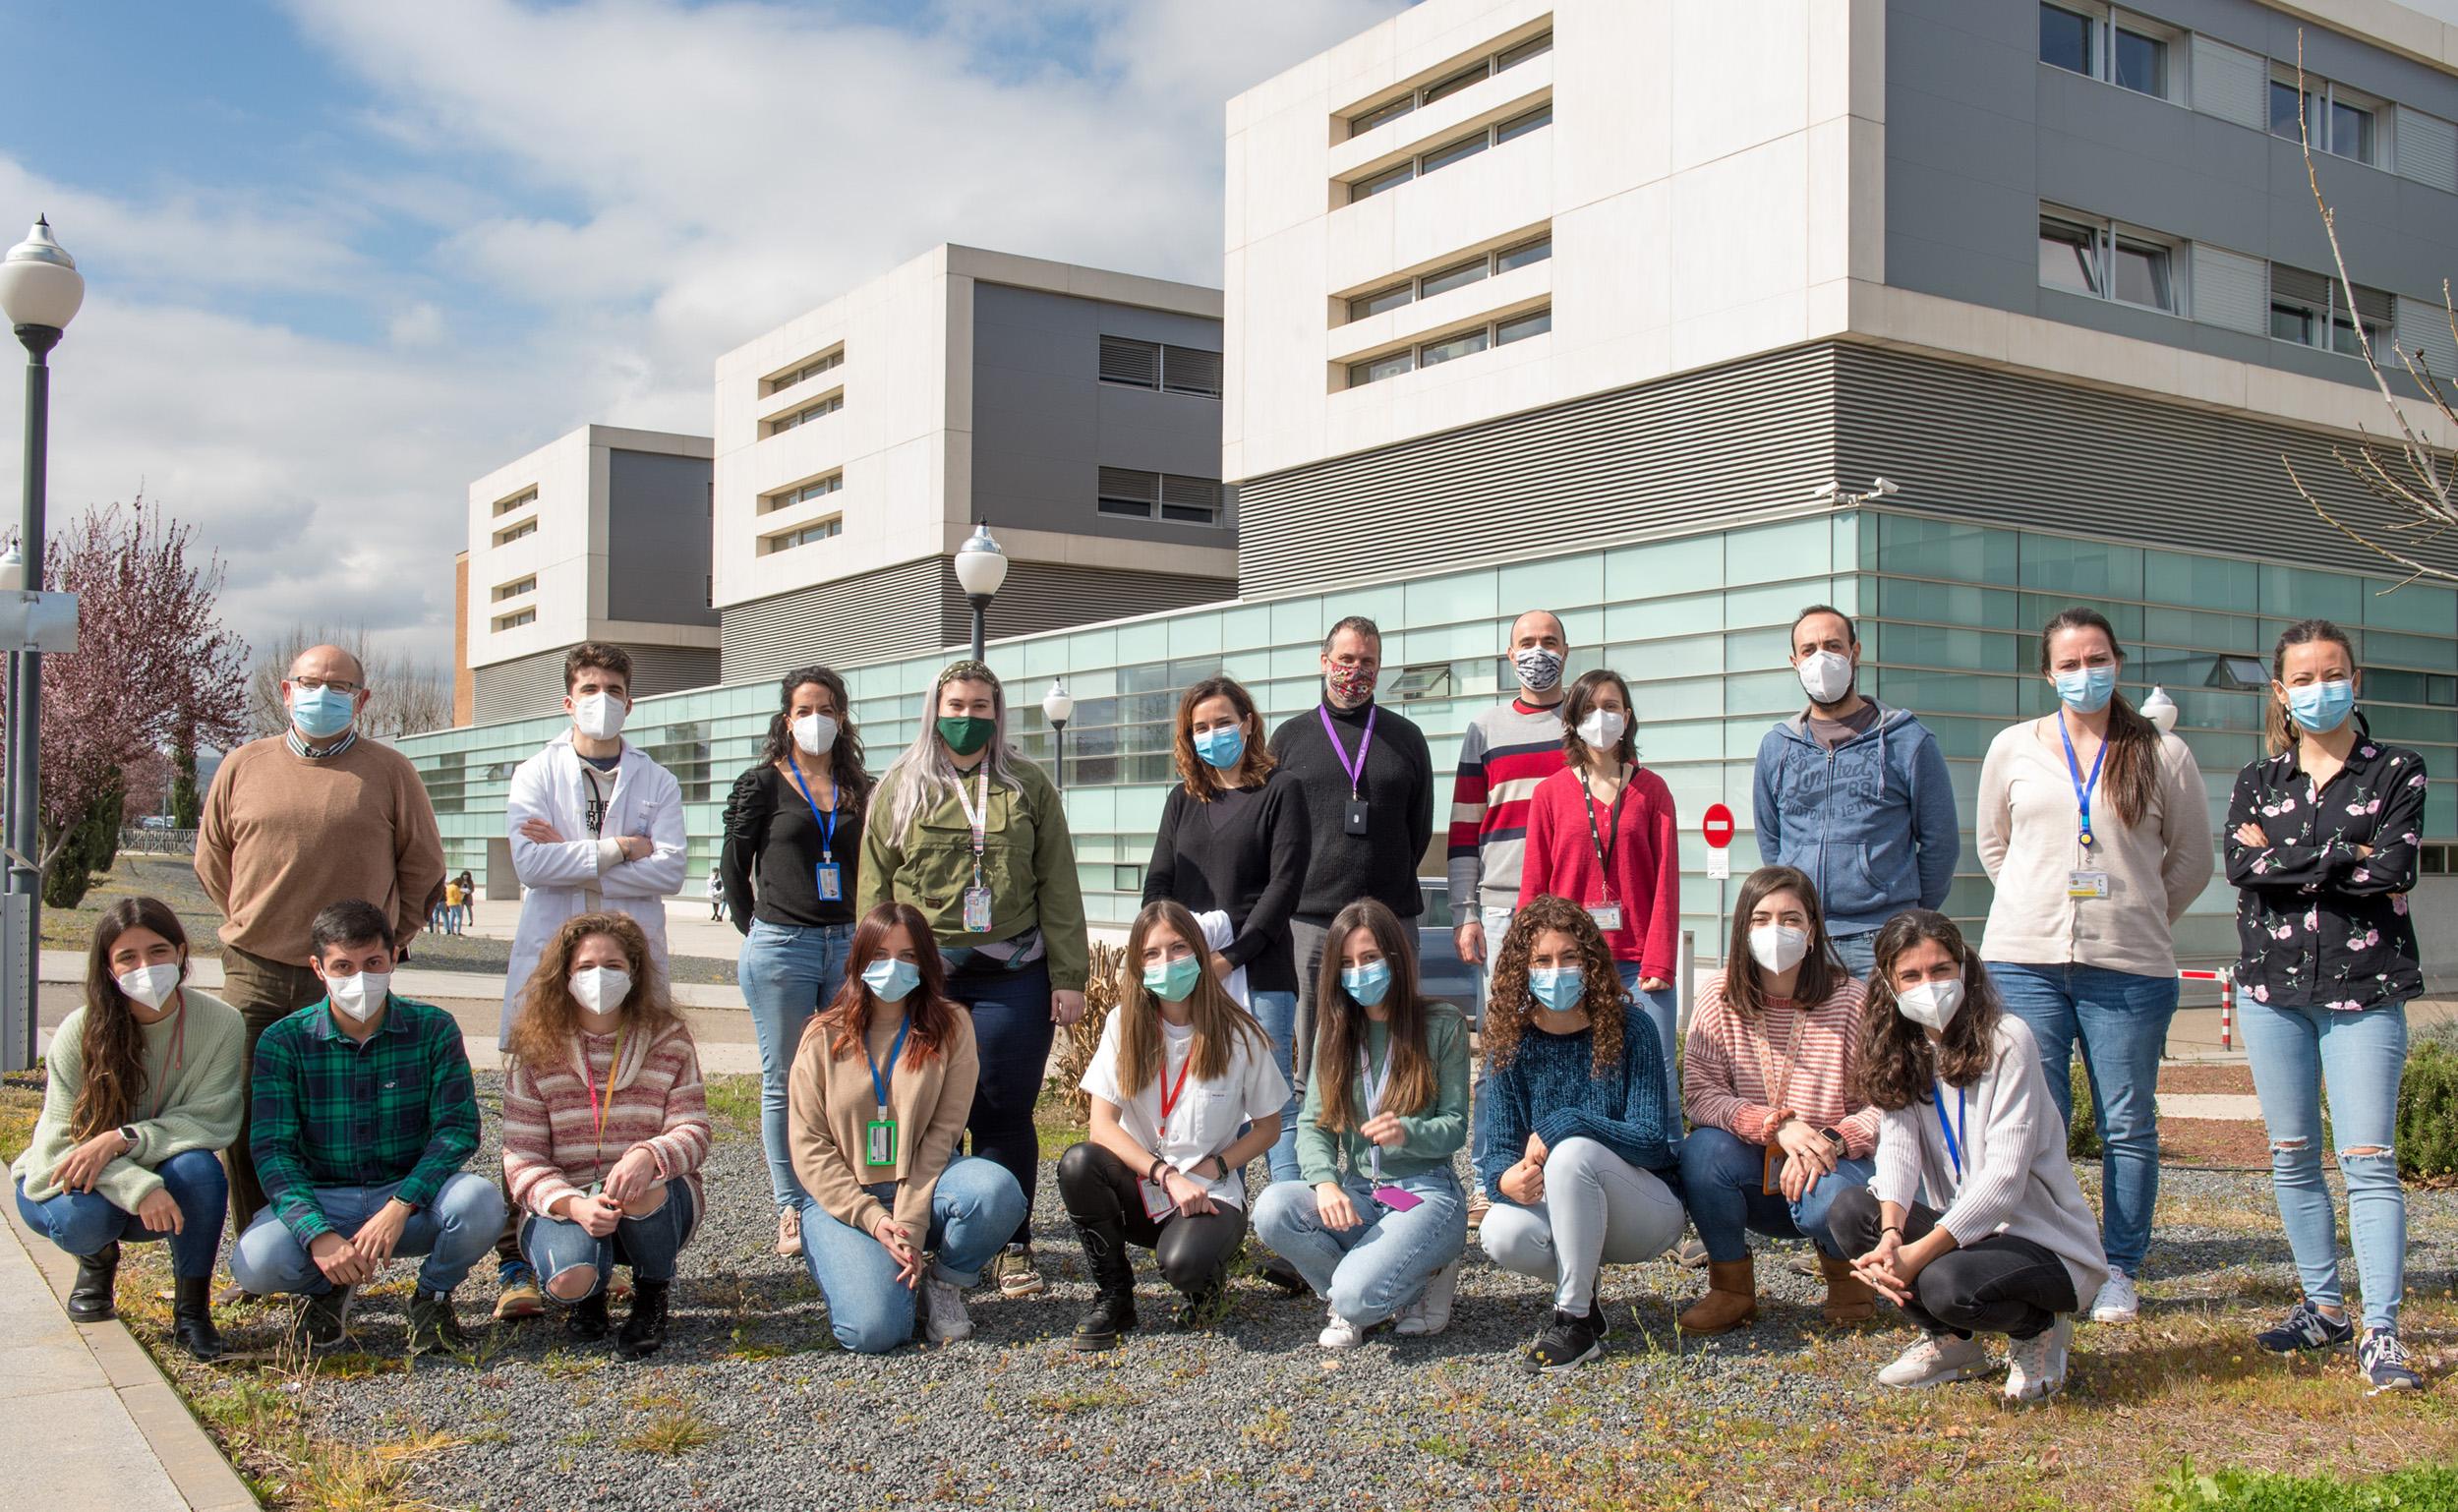 Participantes en la Semana del Cerebro 2021 en el Hospital Nacional de Parapléjicos (Foto: Carlos Monroy // SESCAM)